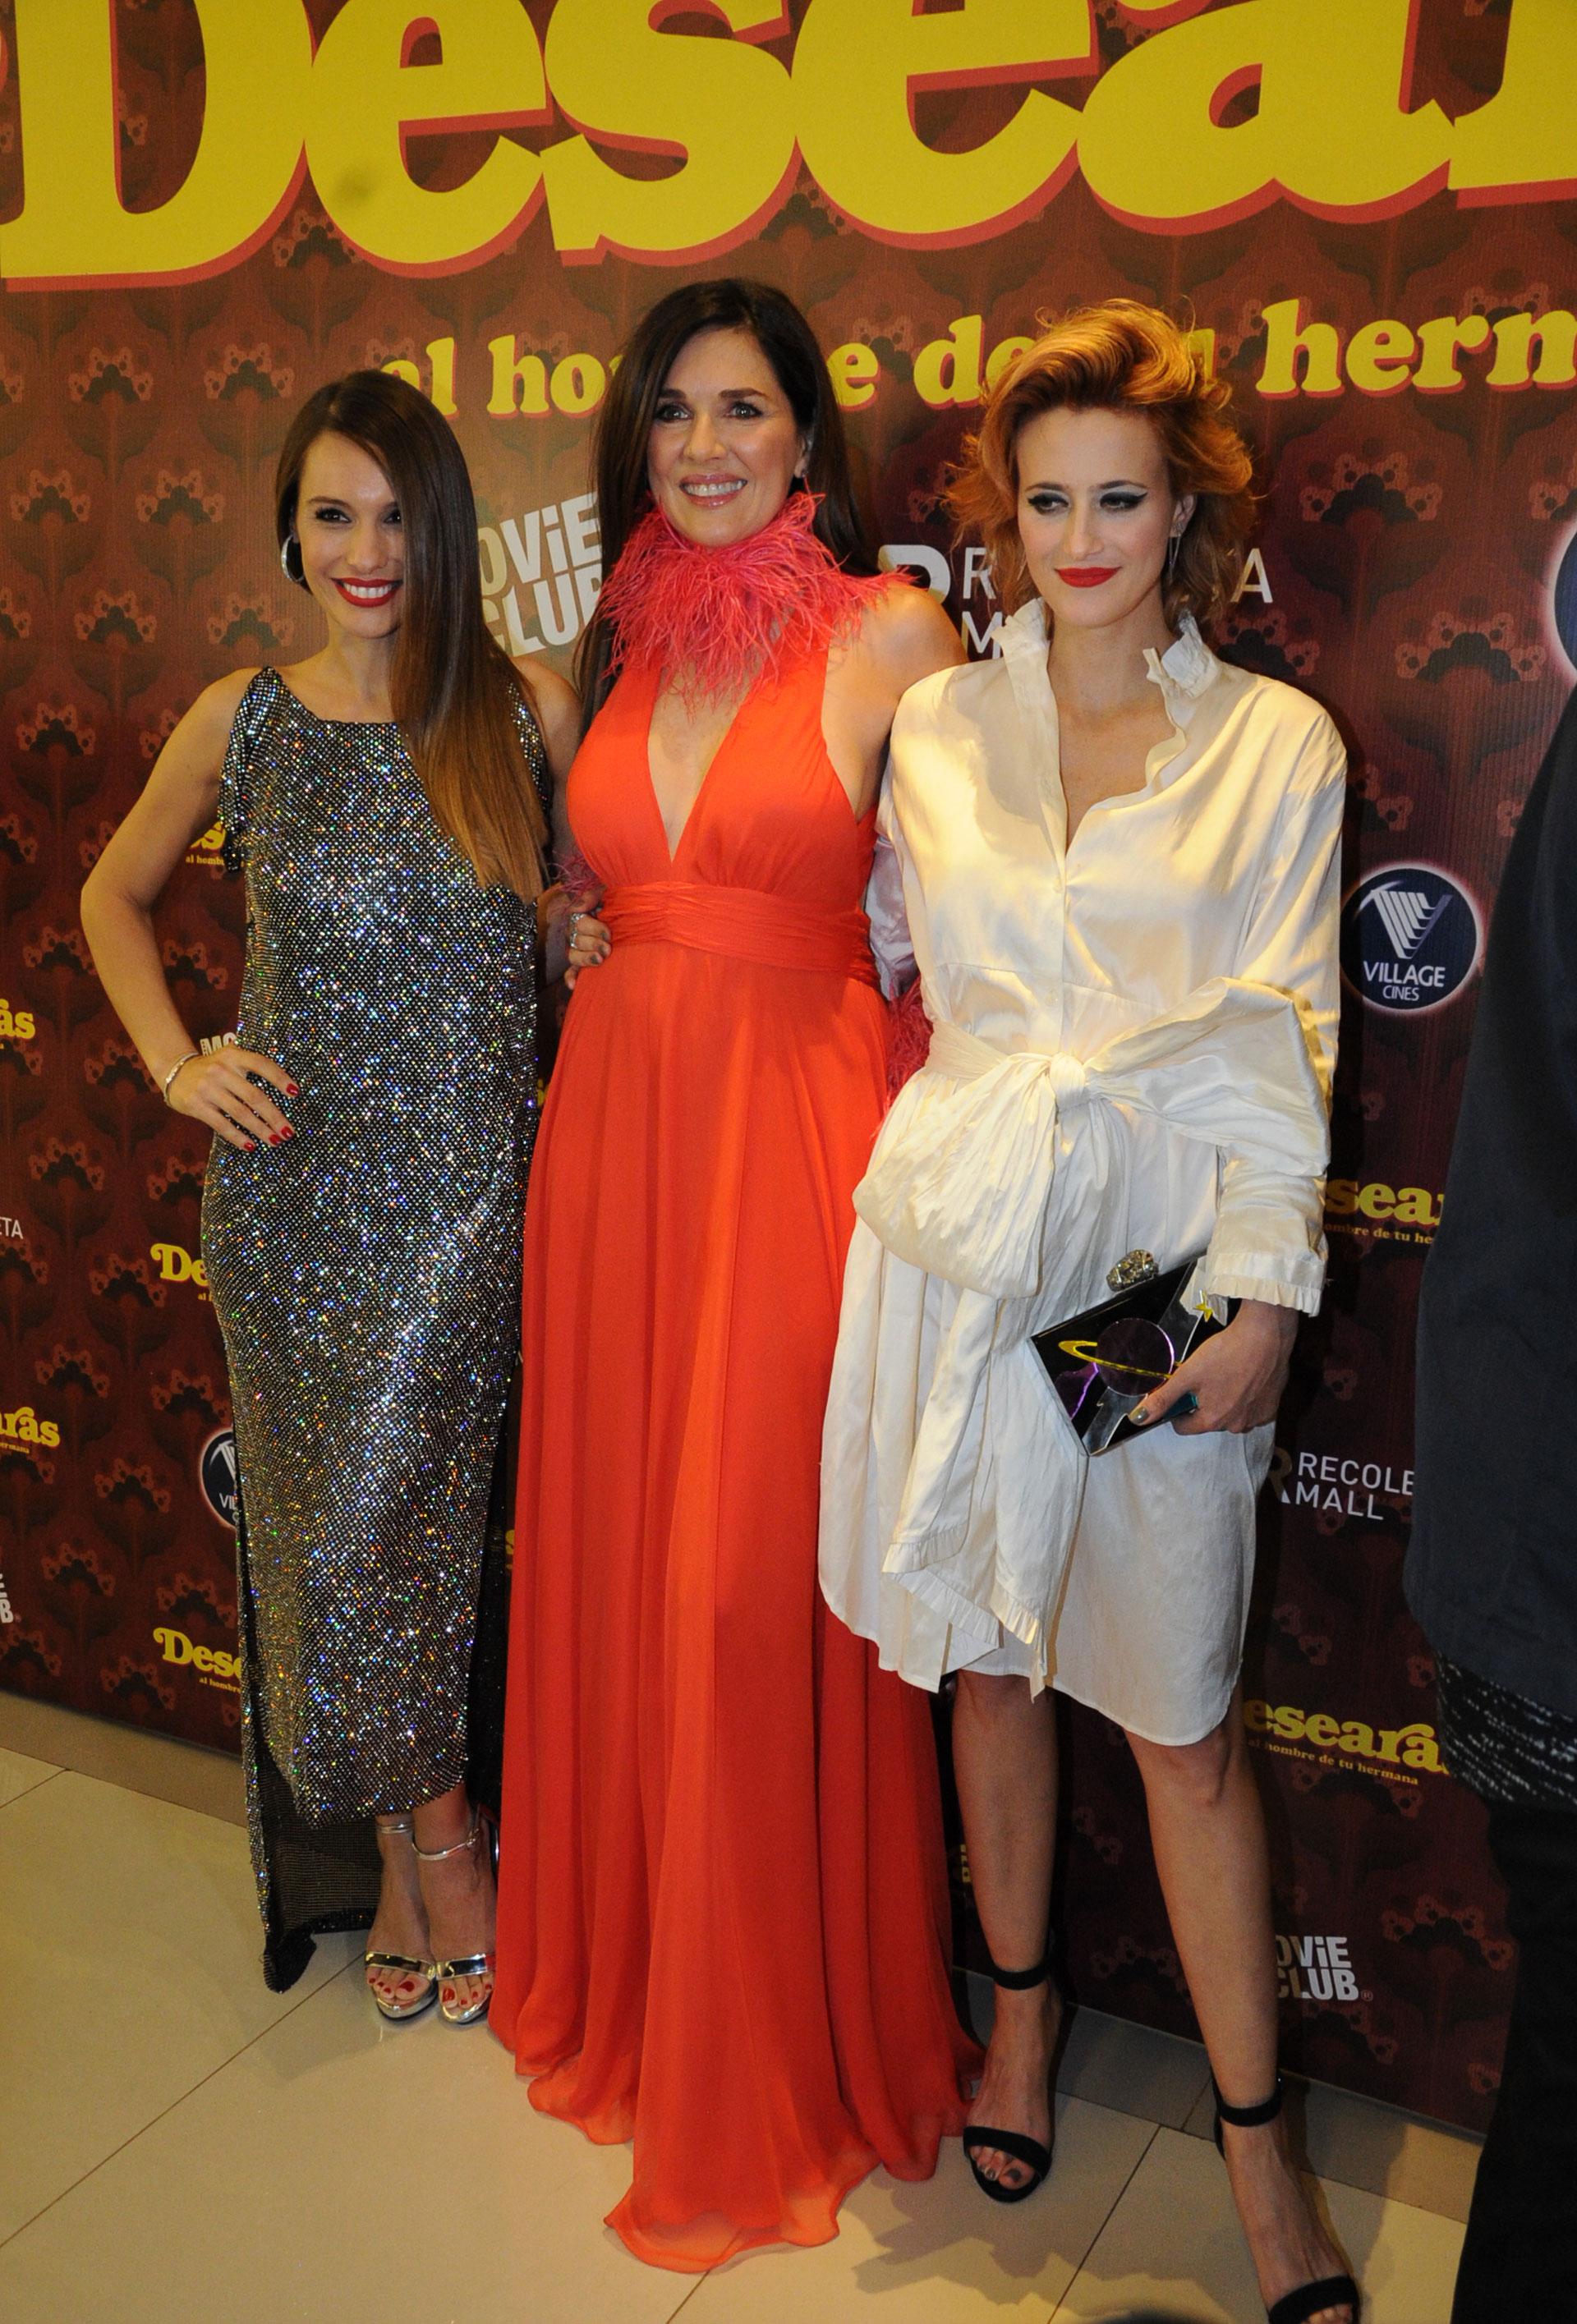 Mónica Antonópulos, Andrea Frigerio y Pampita Ardohain